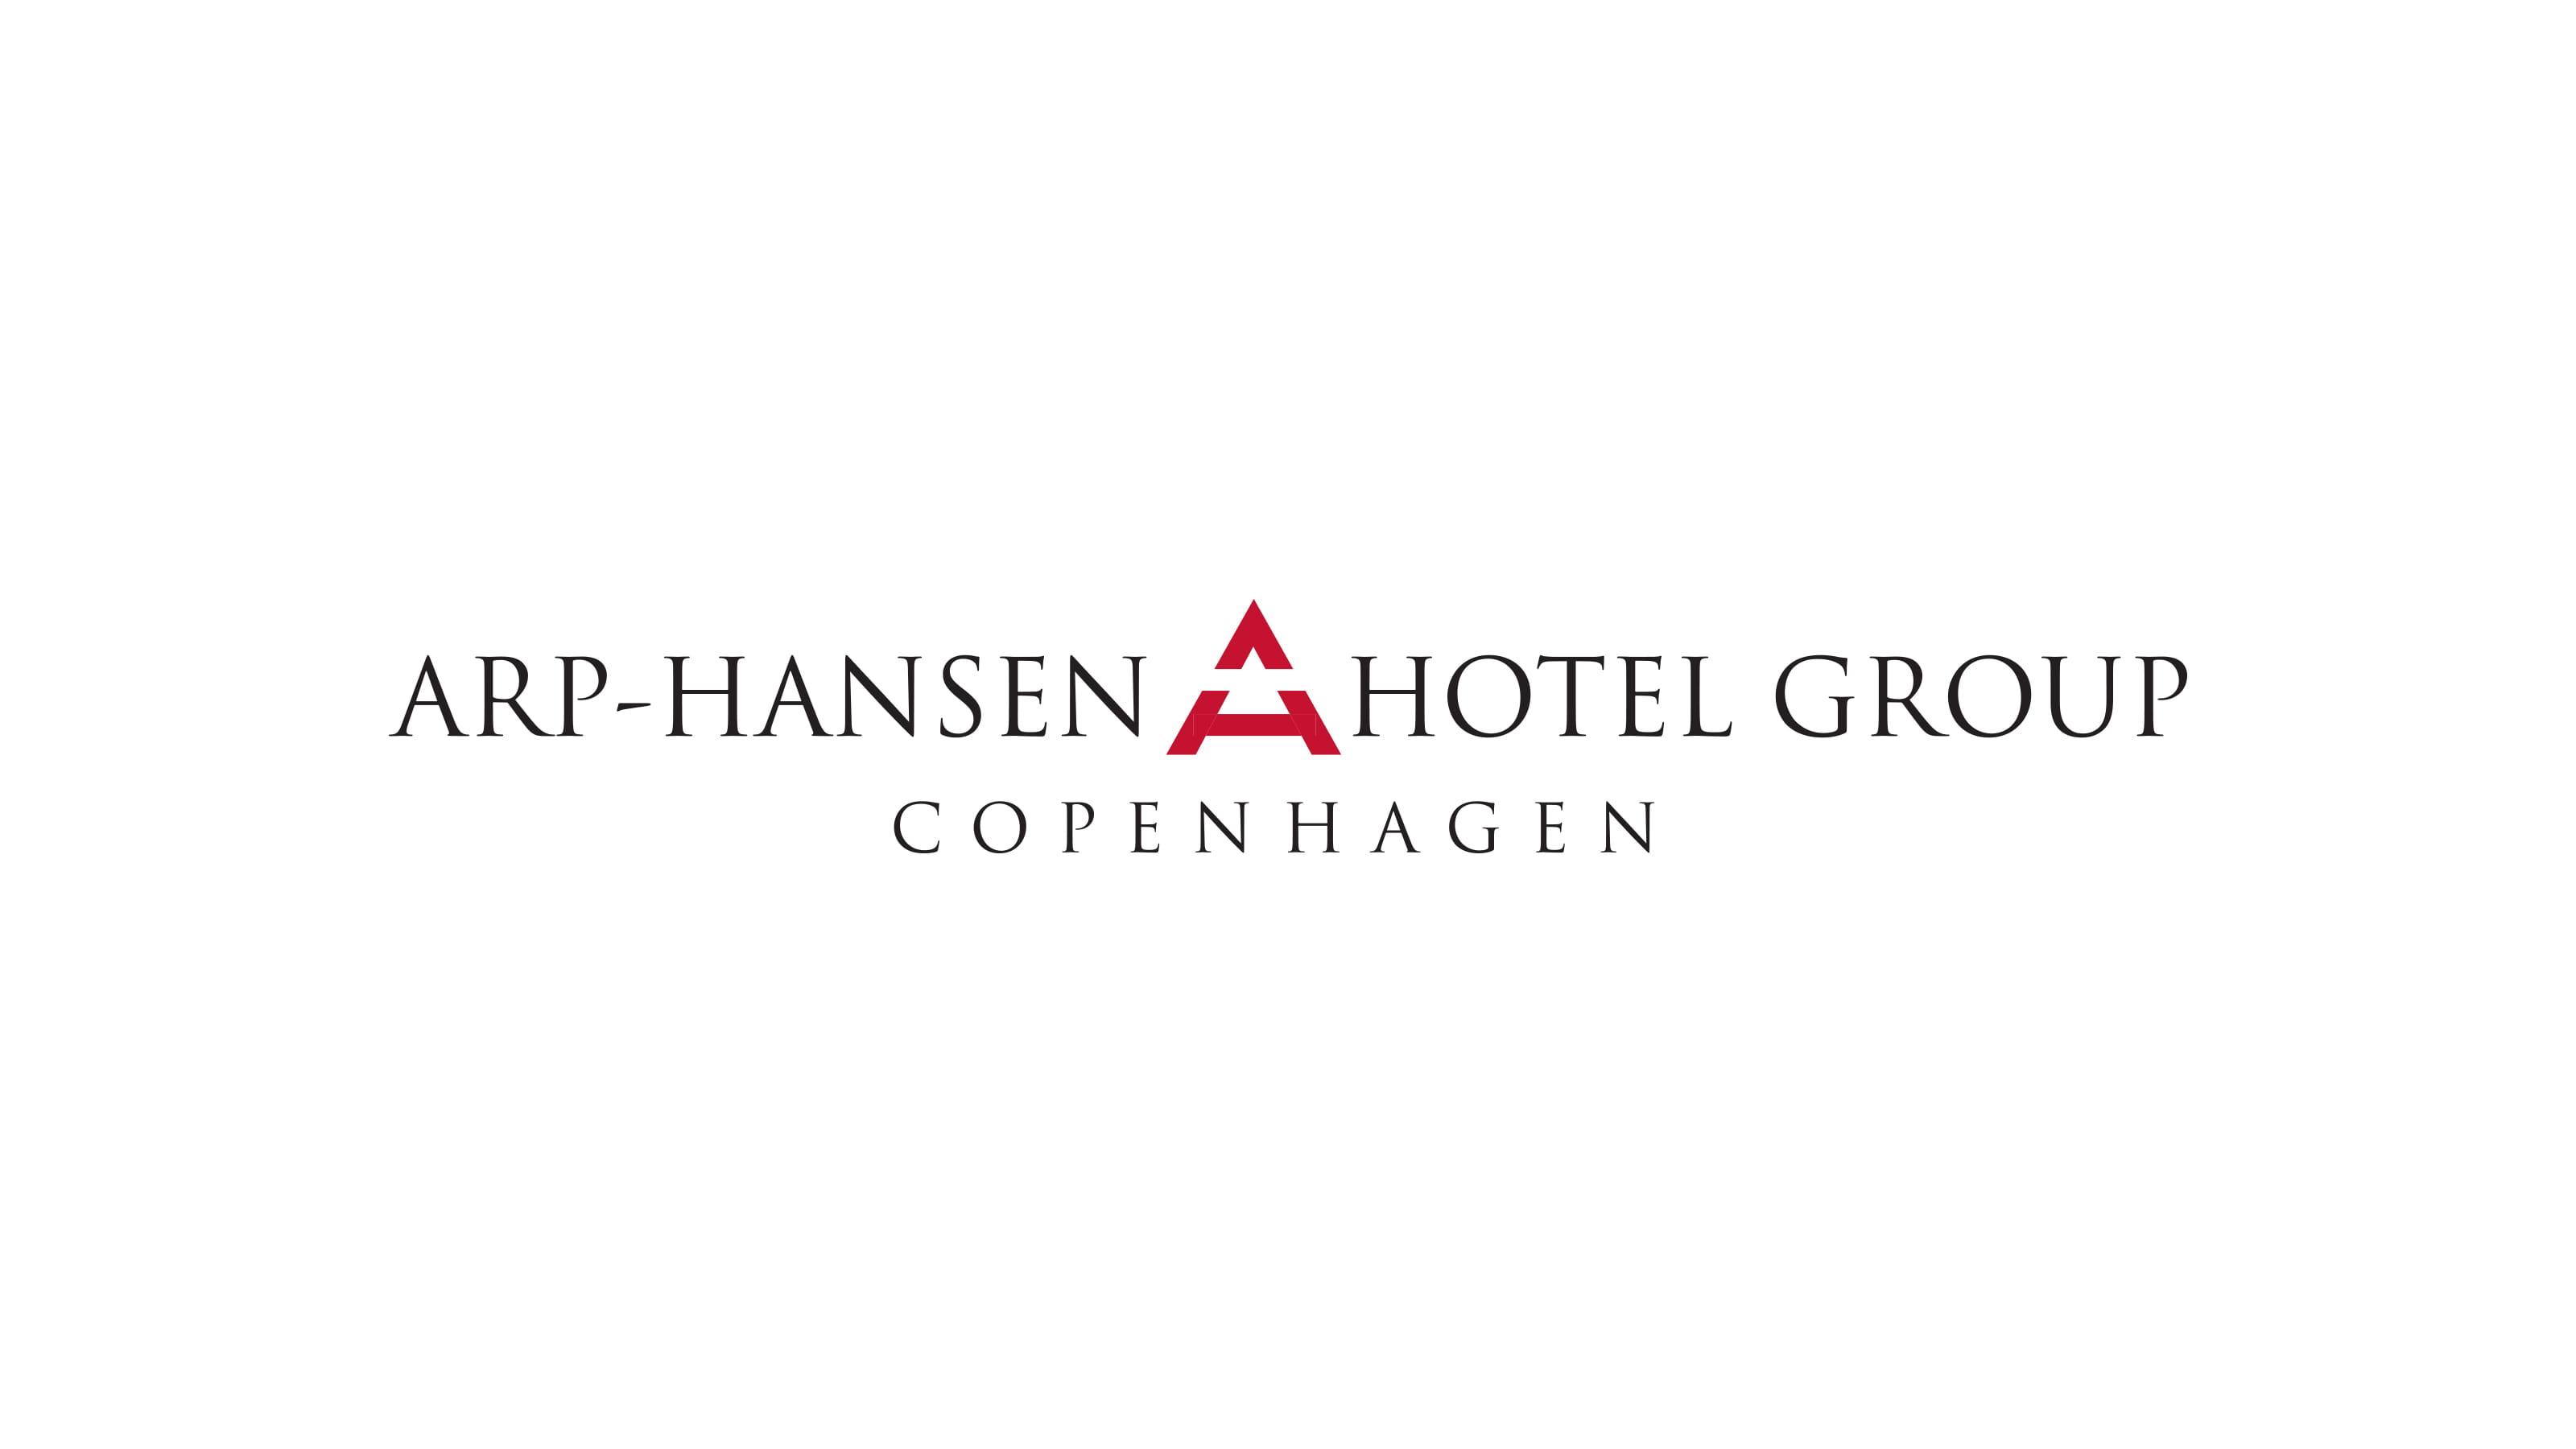 Copenhagen Hotels The Best Hotels In Copenhagen